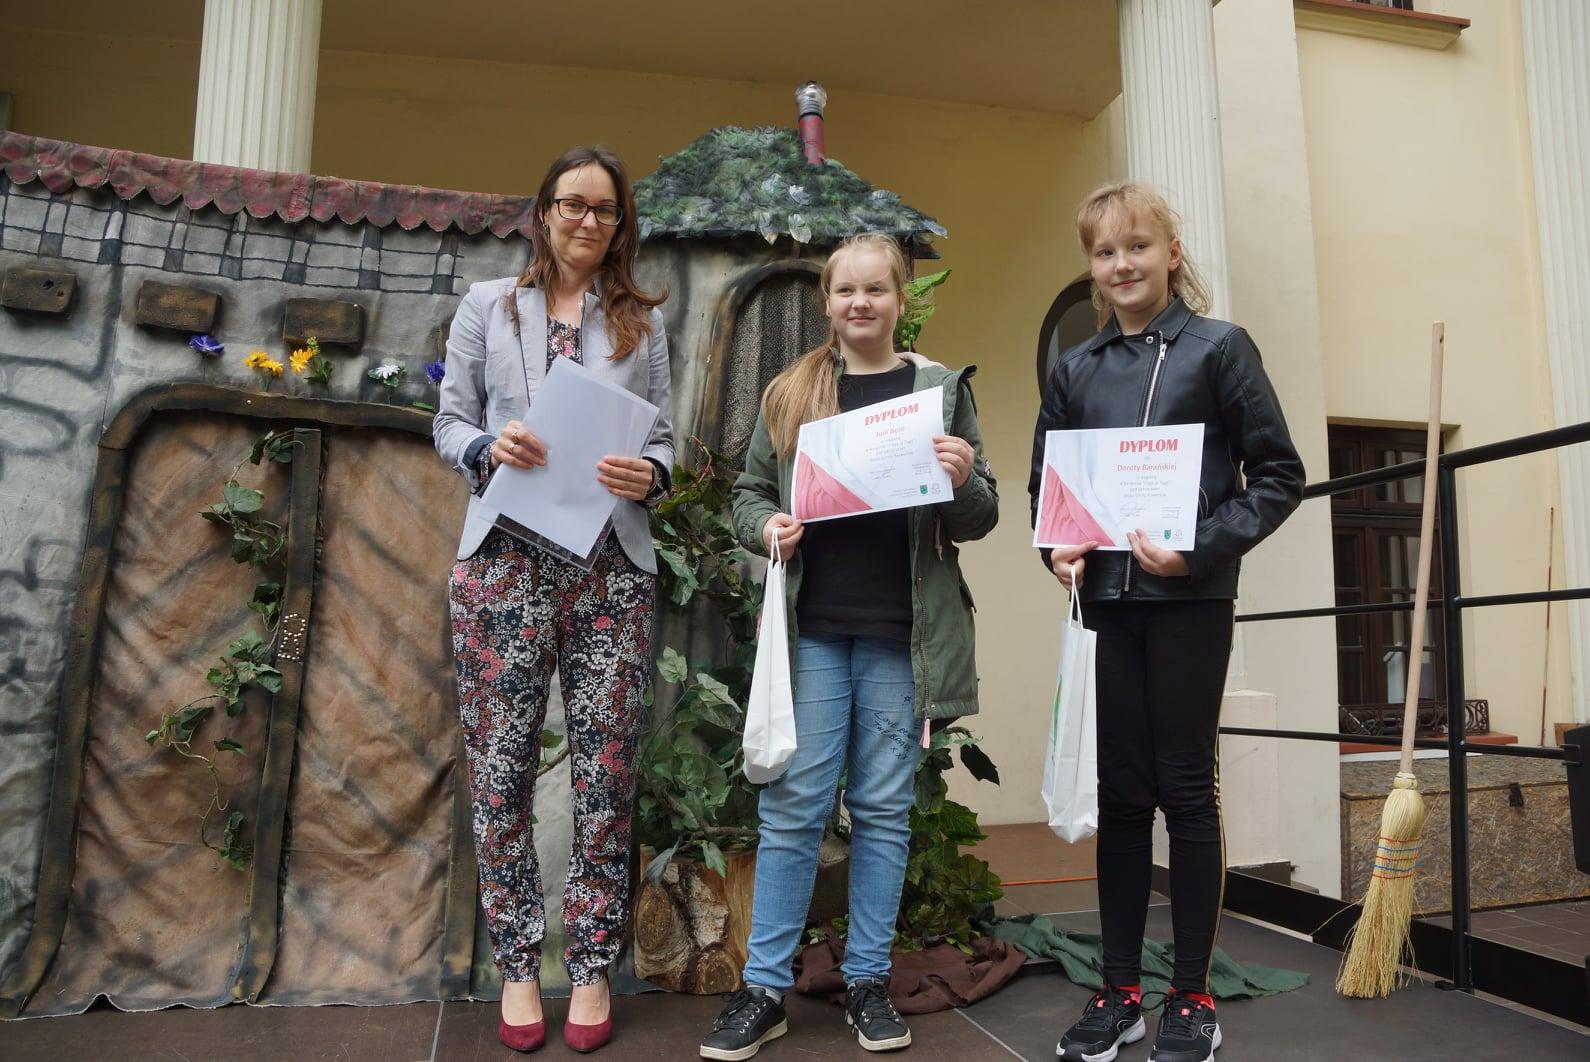 Zdjęcie przedstawia trzy osoby. Kobieta w spodniach w kwiaty wręcza dyplom, obok stoją dwie dziewczynki z dyplomami w dłoni